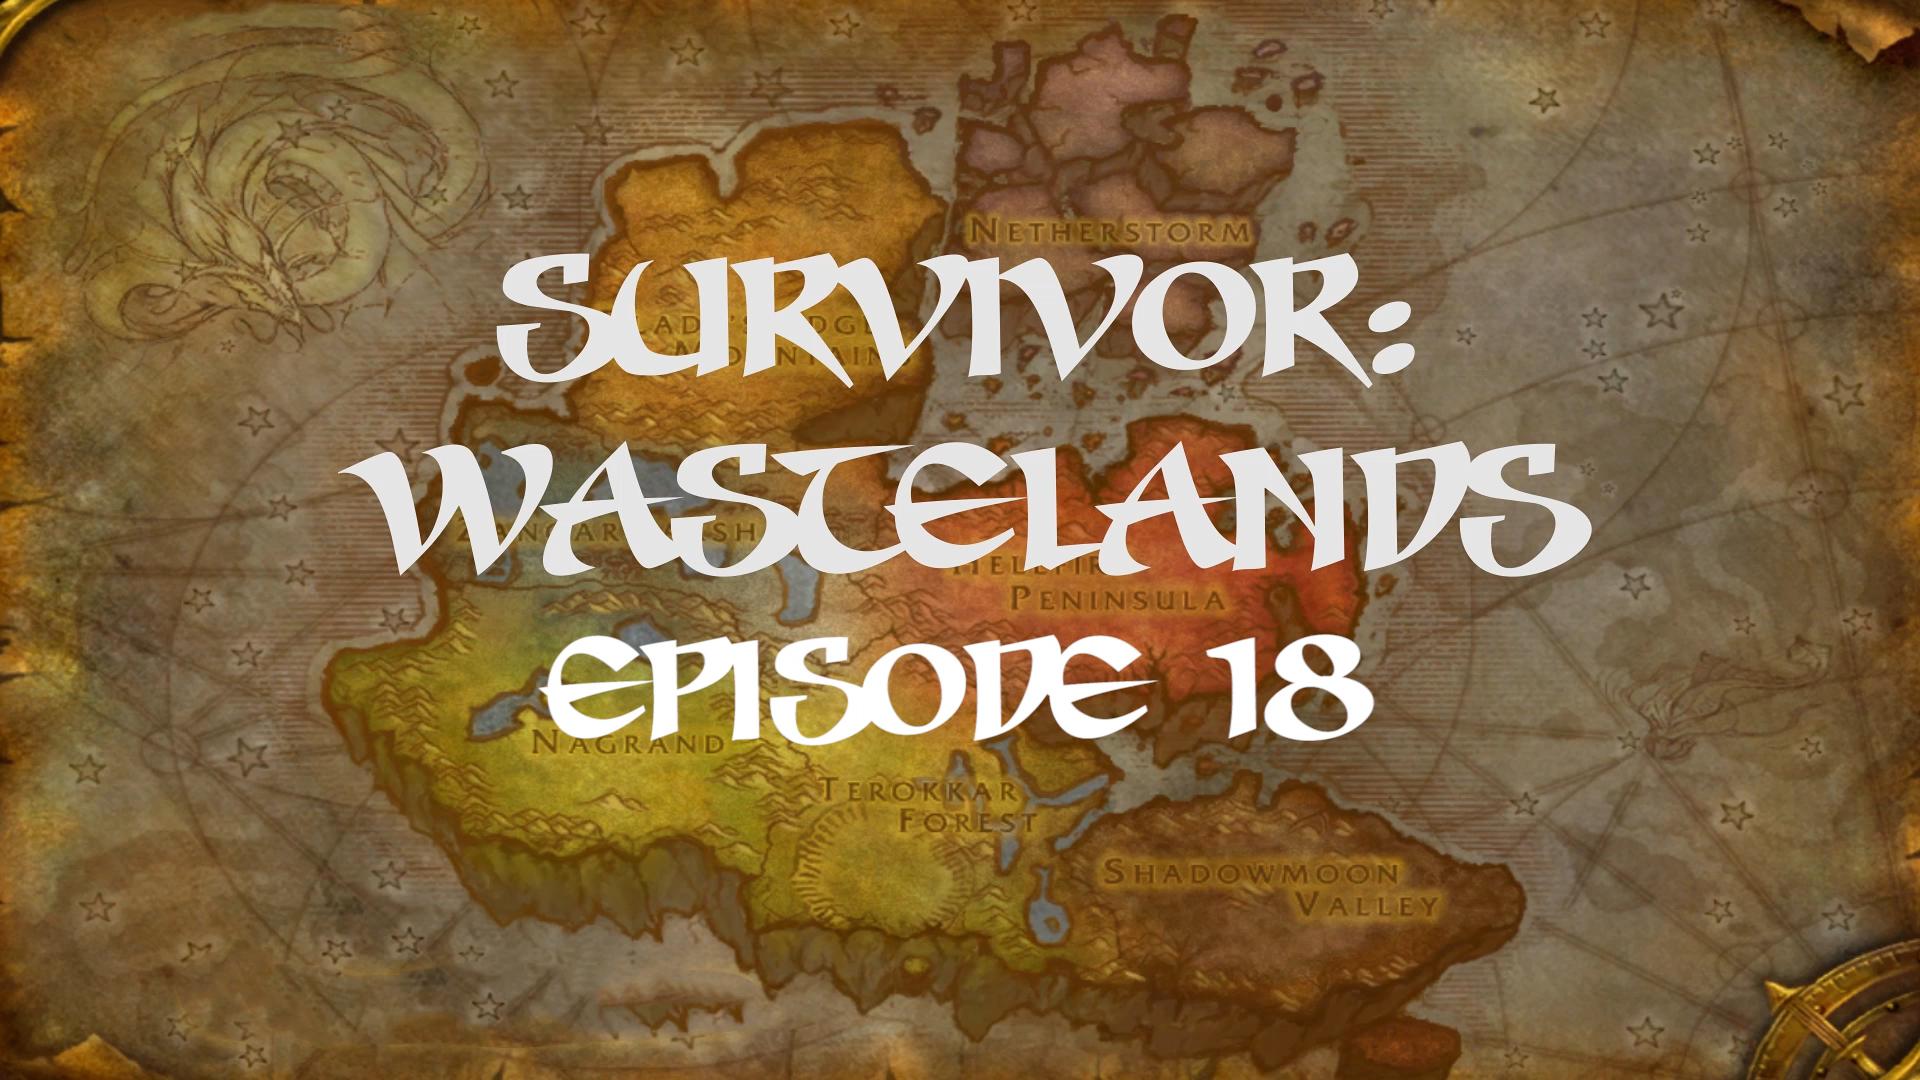 Survivor Wastelands Episode 18.jpg